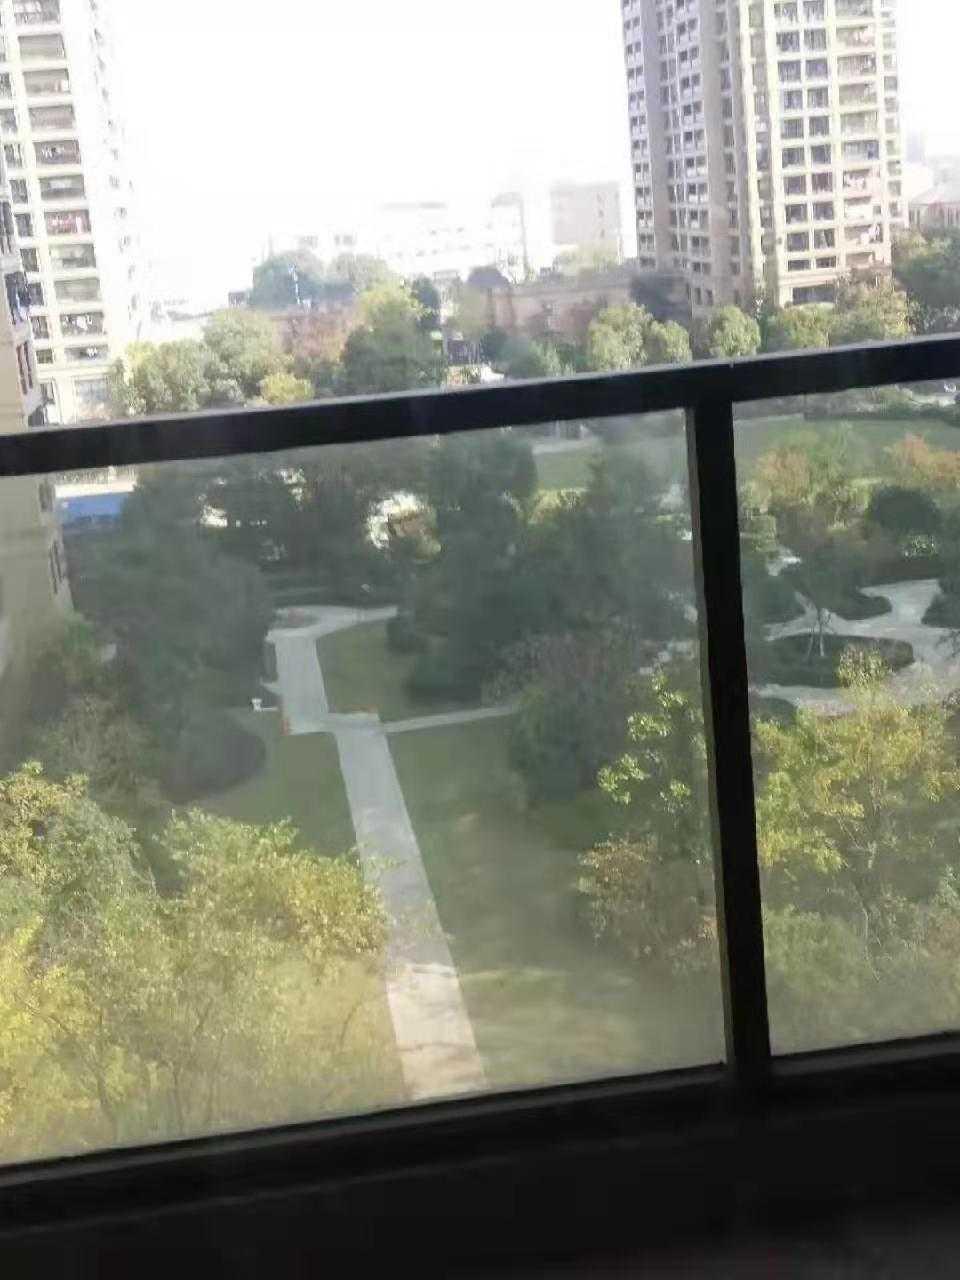 11103急卖急卖,因去杭州买房,急售玉兰花园7楼,121平方,3室2厅双阳台,客厅也有阳台,当毛坯卖,位置极佳,阳光灿烂,115.8万,有一车位另计,要的速度